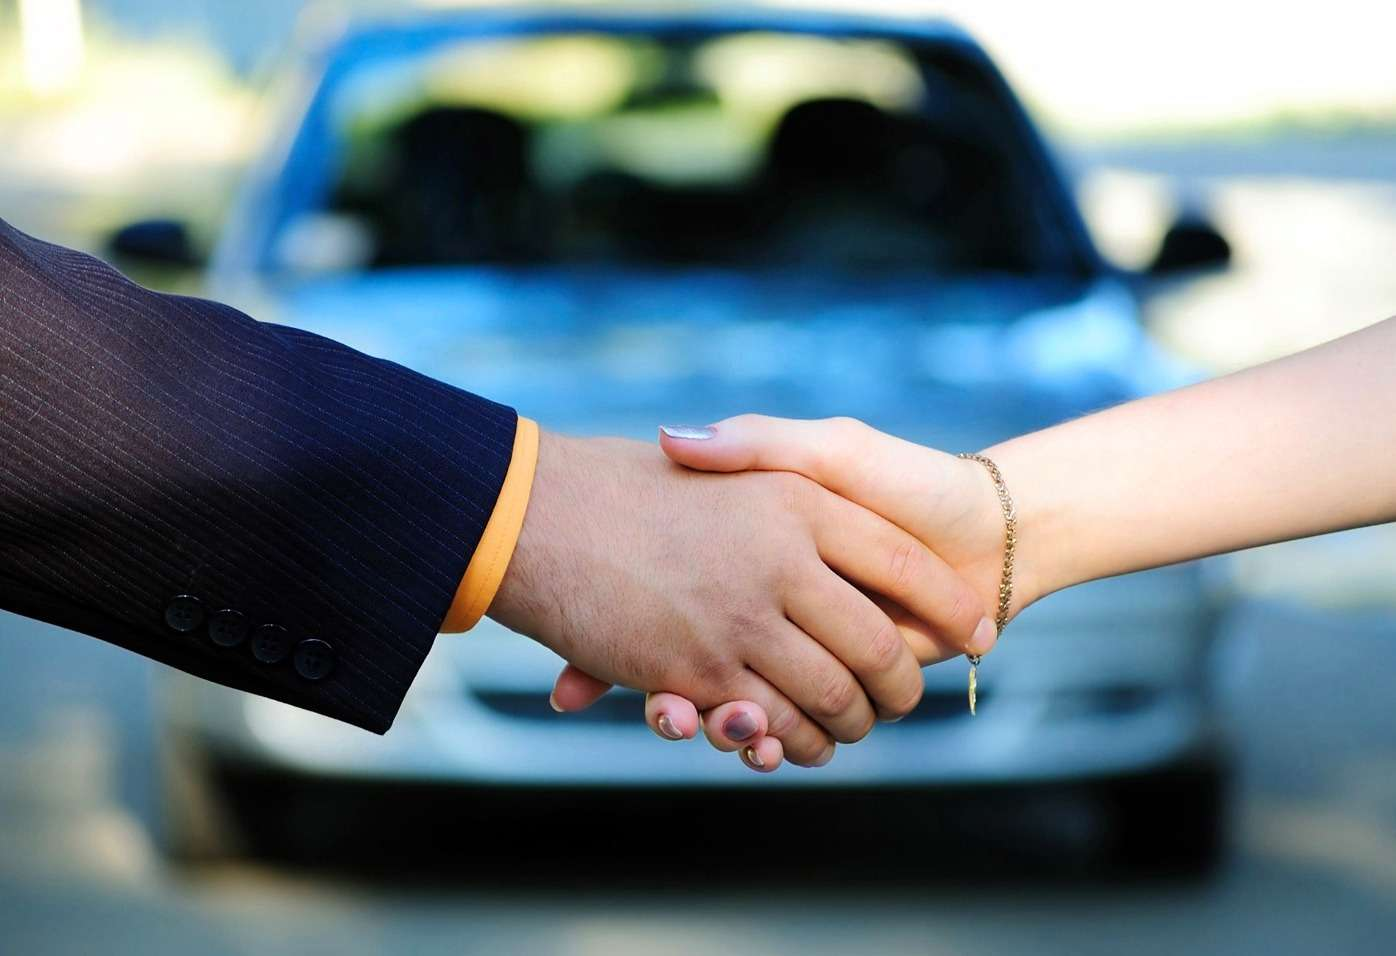 Договор купли продажи транспортного средства номерного агрегата образец